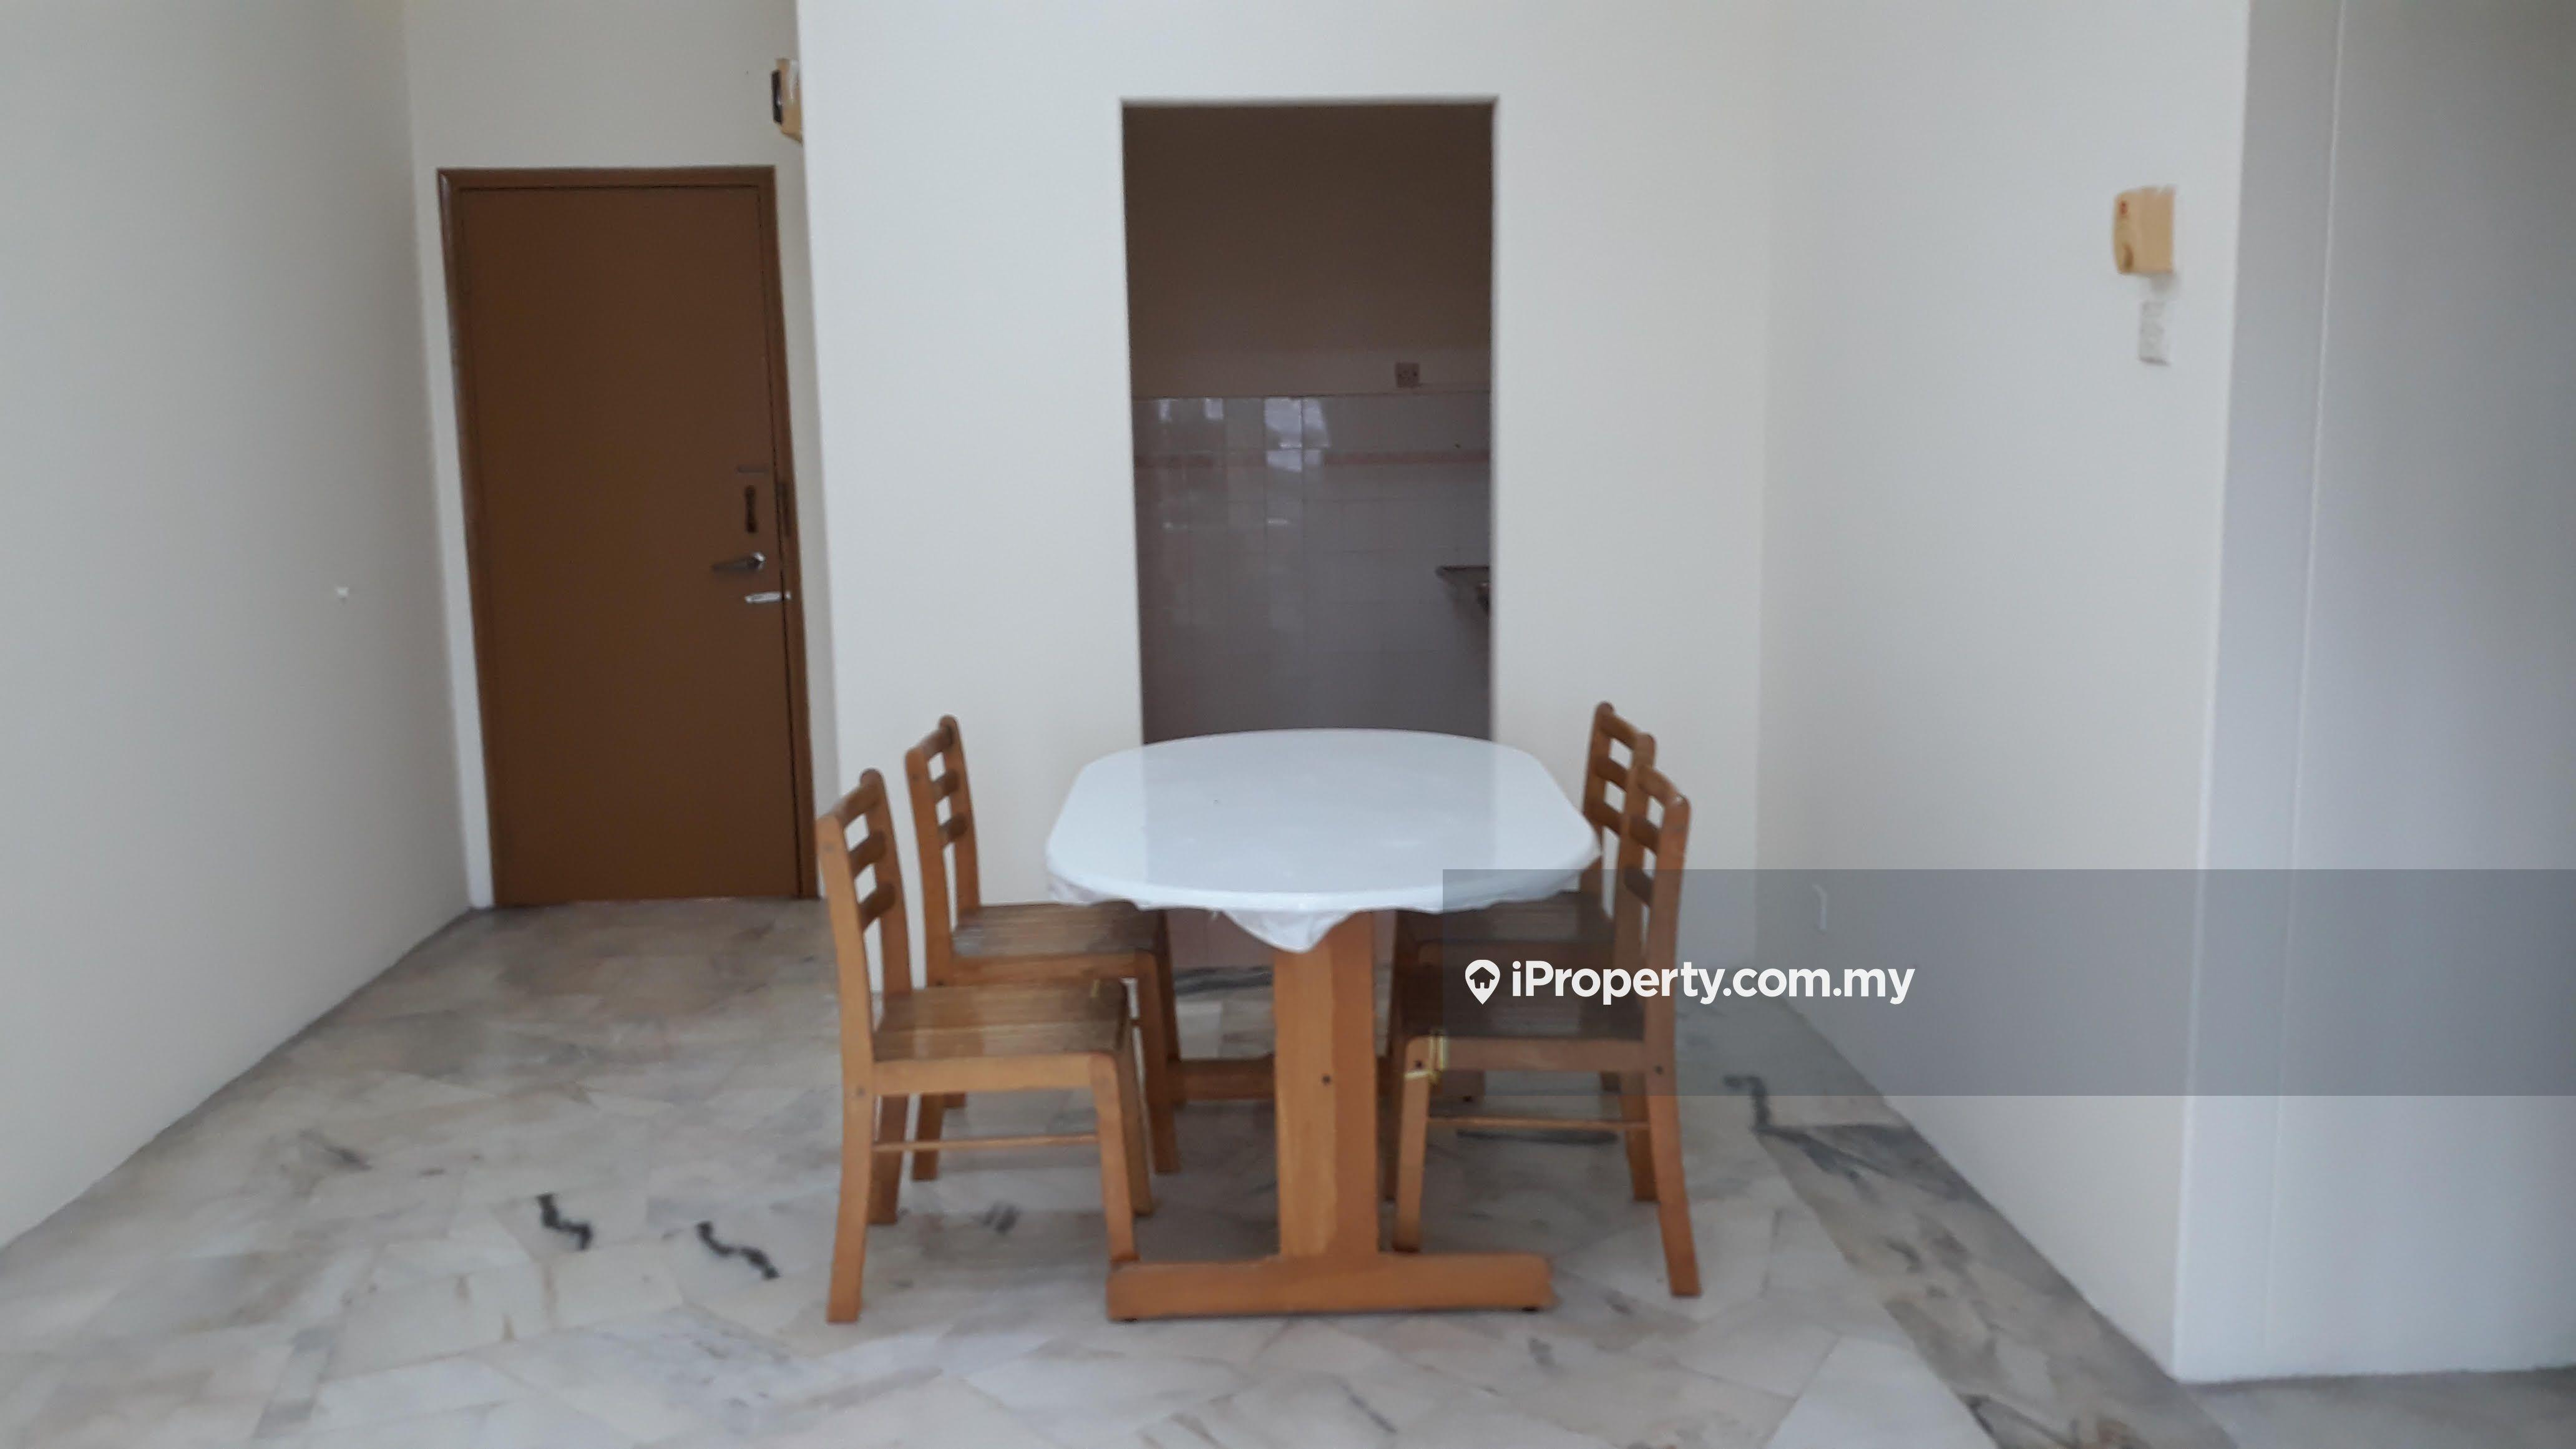 D' Kiara Apartment, Taman Wawasan, Puchong